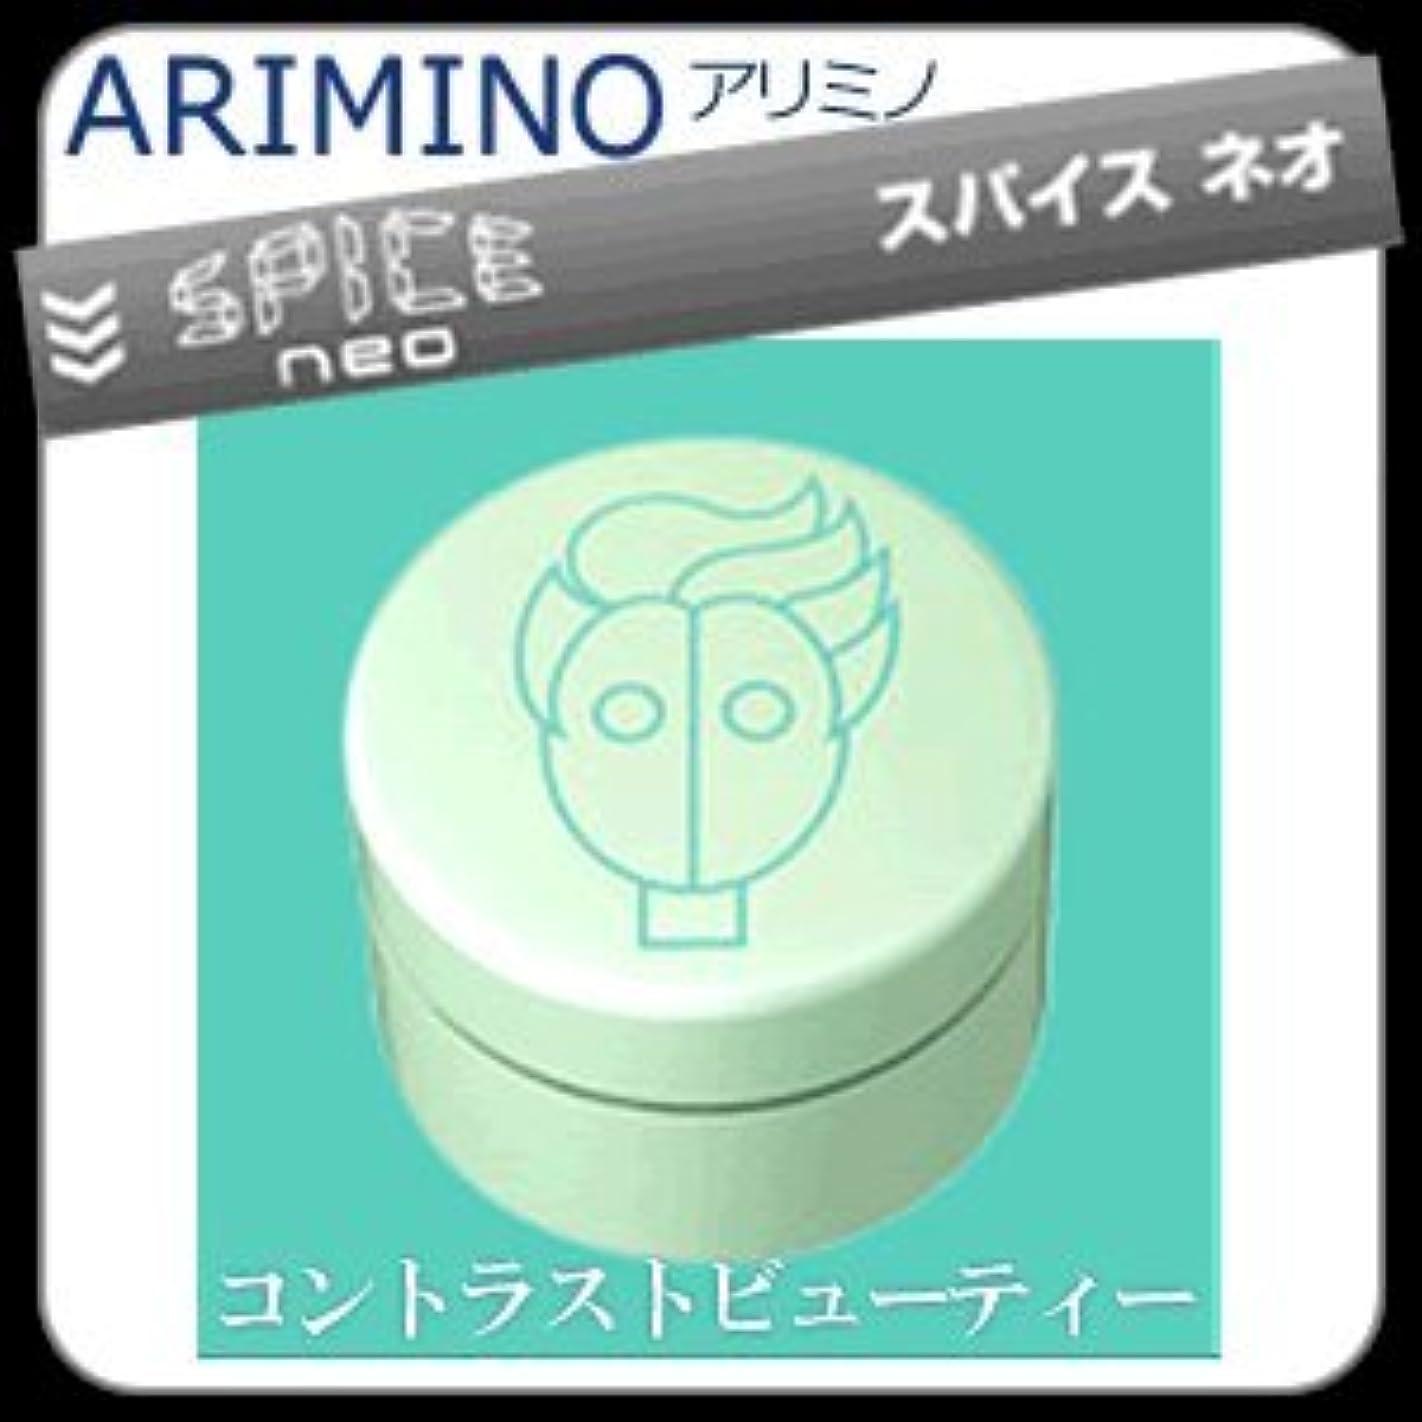 郵便番号頂点周辺【X2個セット】 アリミノ スパイスネオ GREASE-WAX グリースワックス 100g ARIMINO SPICE neo